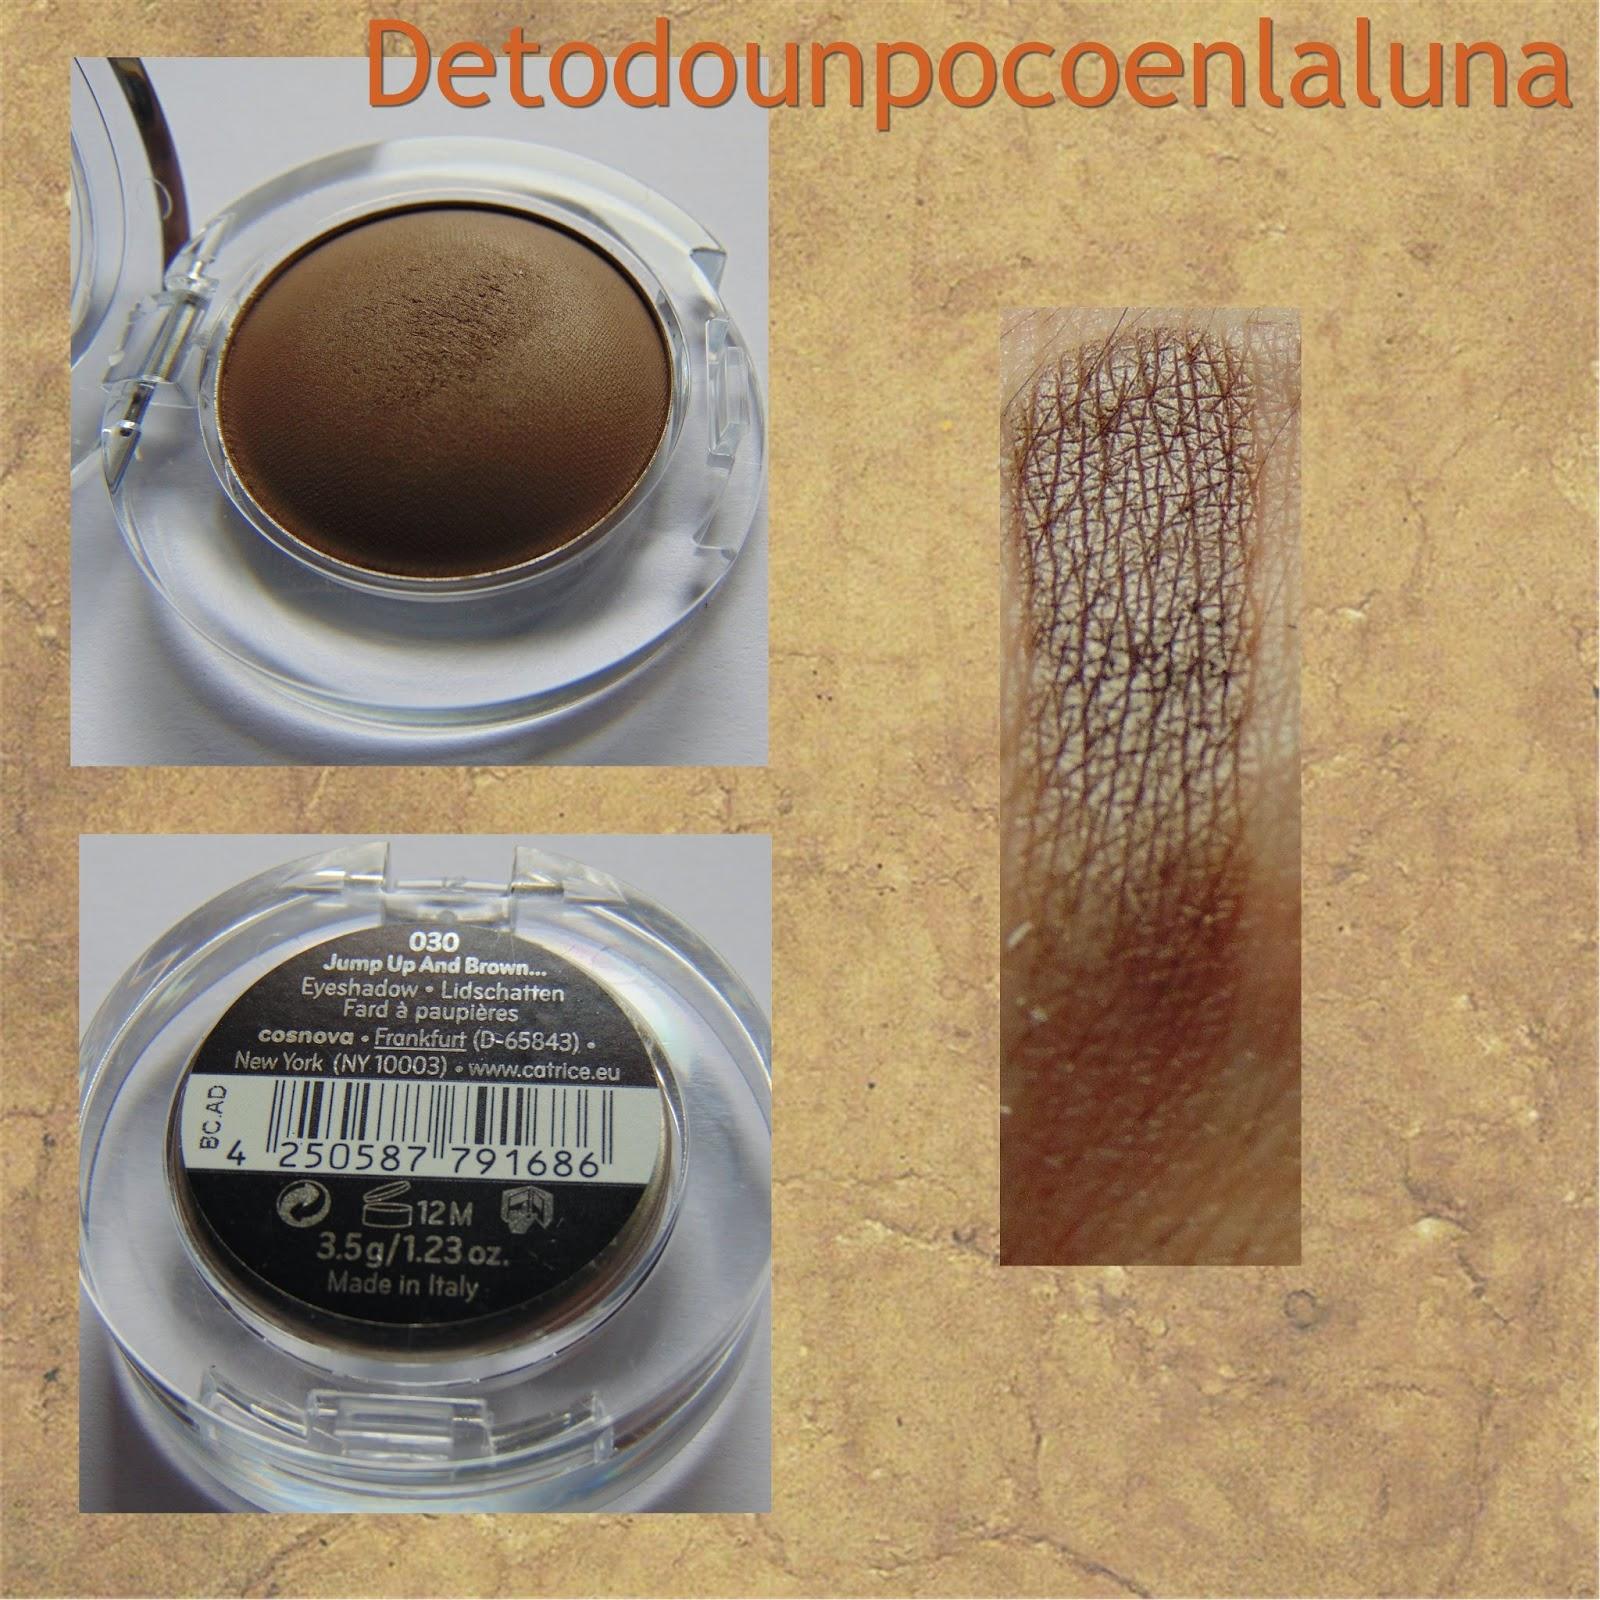 030 Jump Up and Brown Sombras Velvet Matt Eyeshadow de Catrice